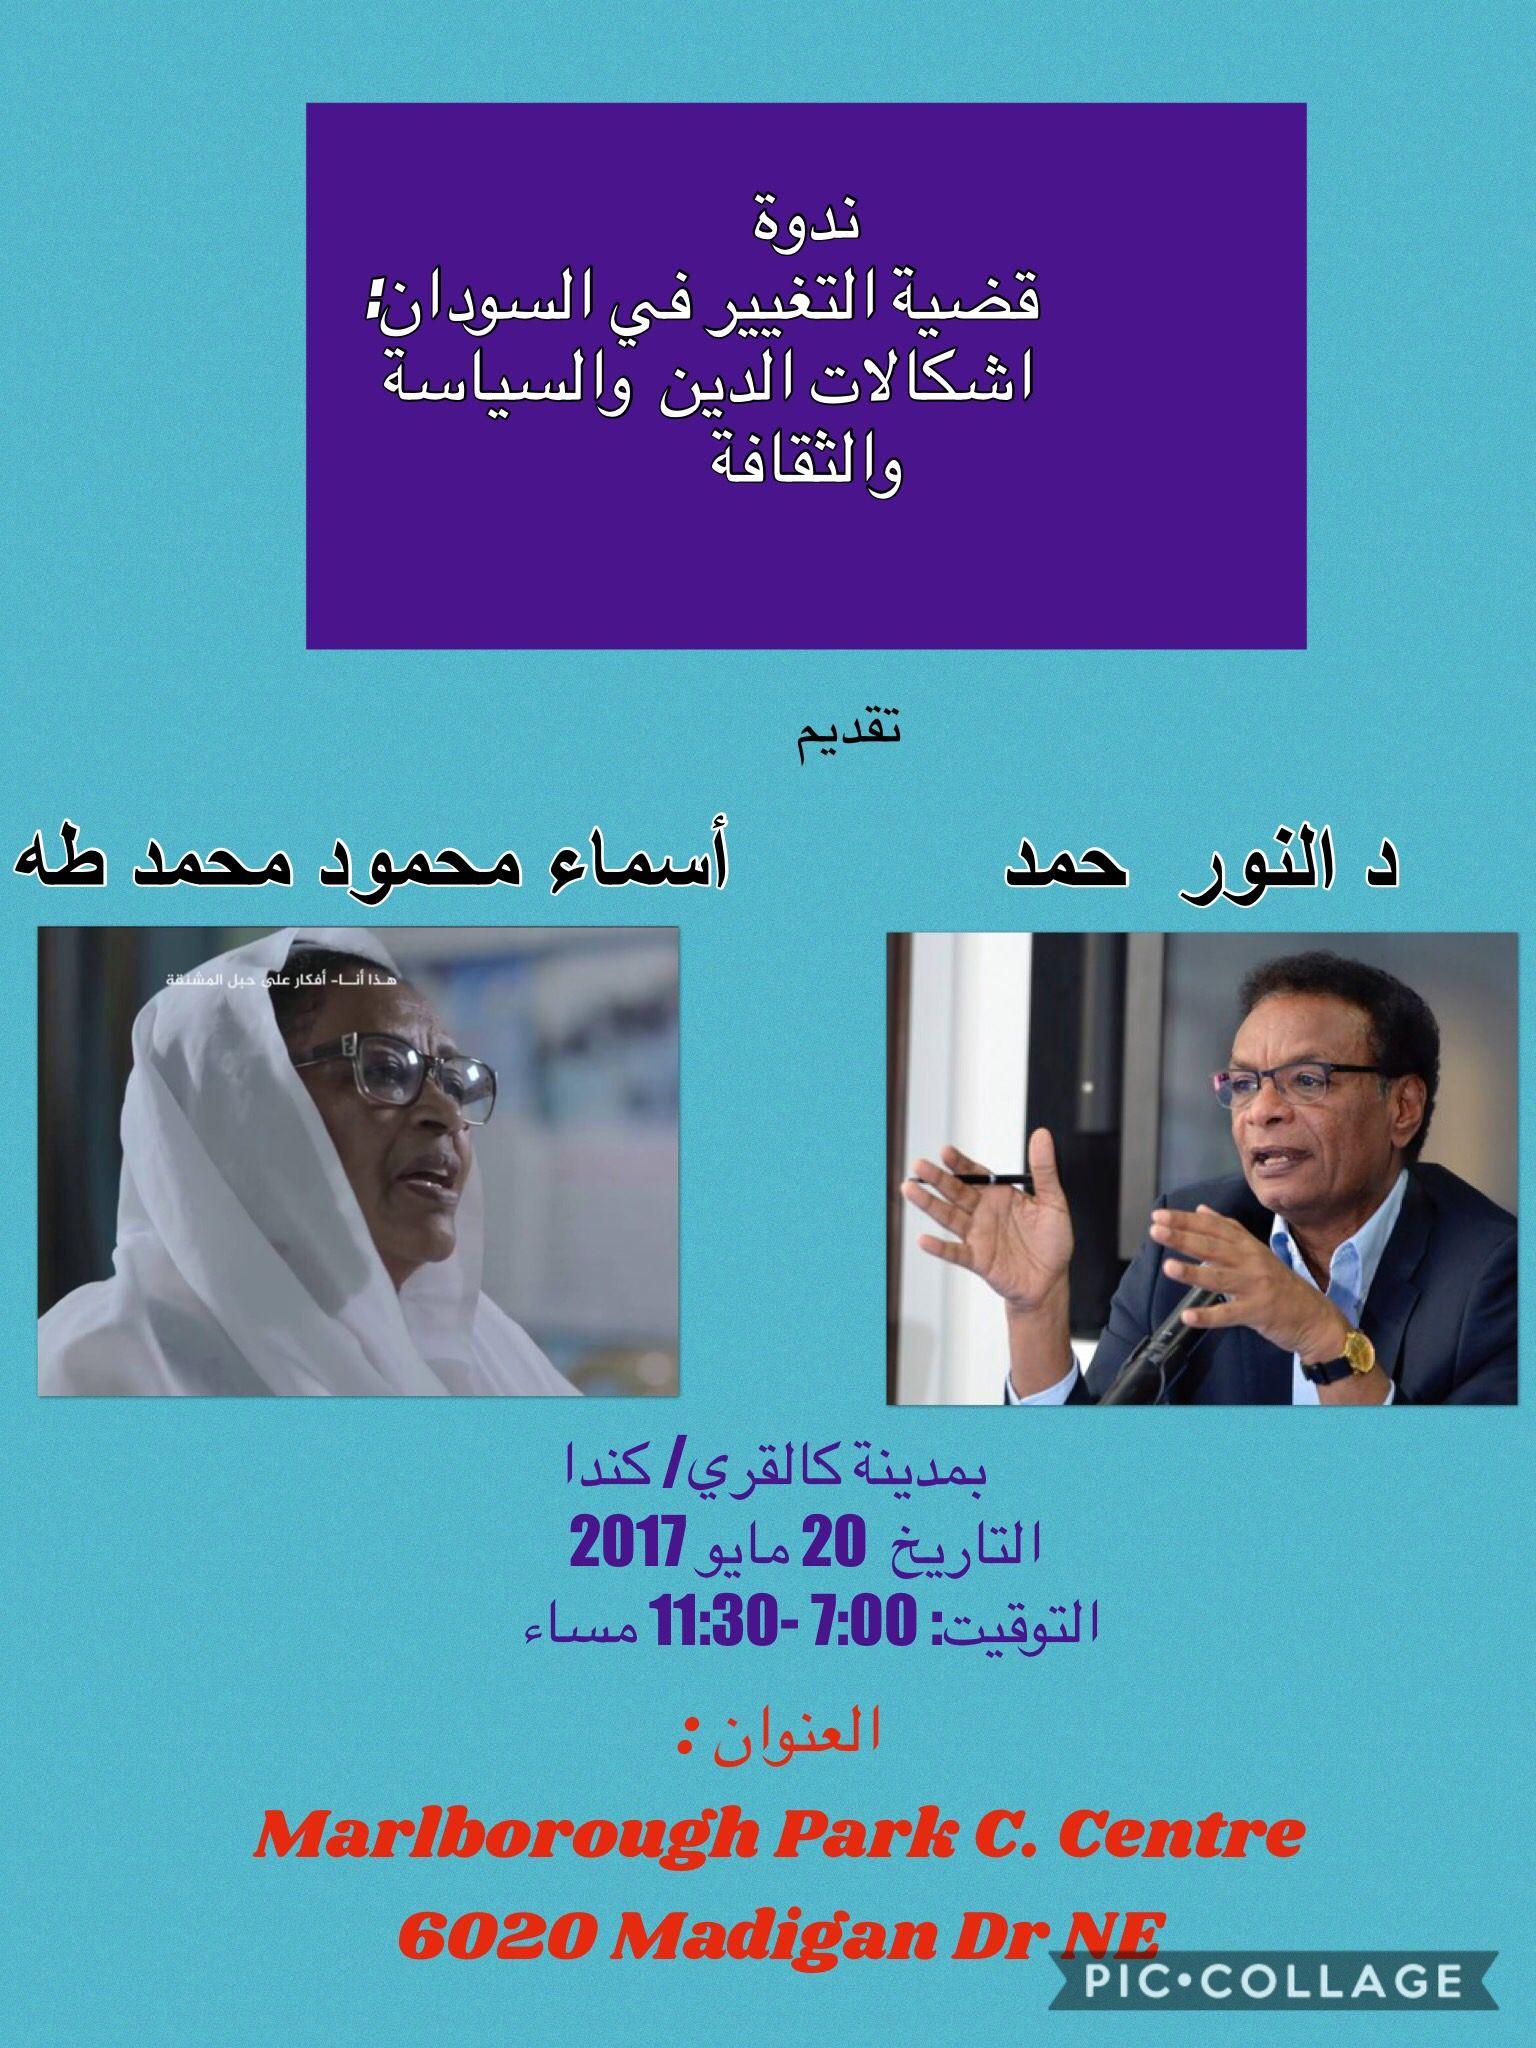 الاخوان الجمهوريون بكالقيري يقدمون د. النور حمد و أ. أسماء محمود محمد طه في ندوة